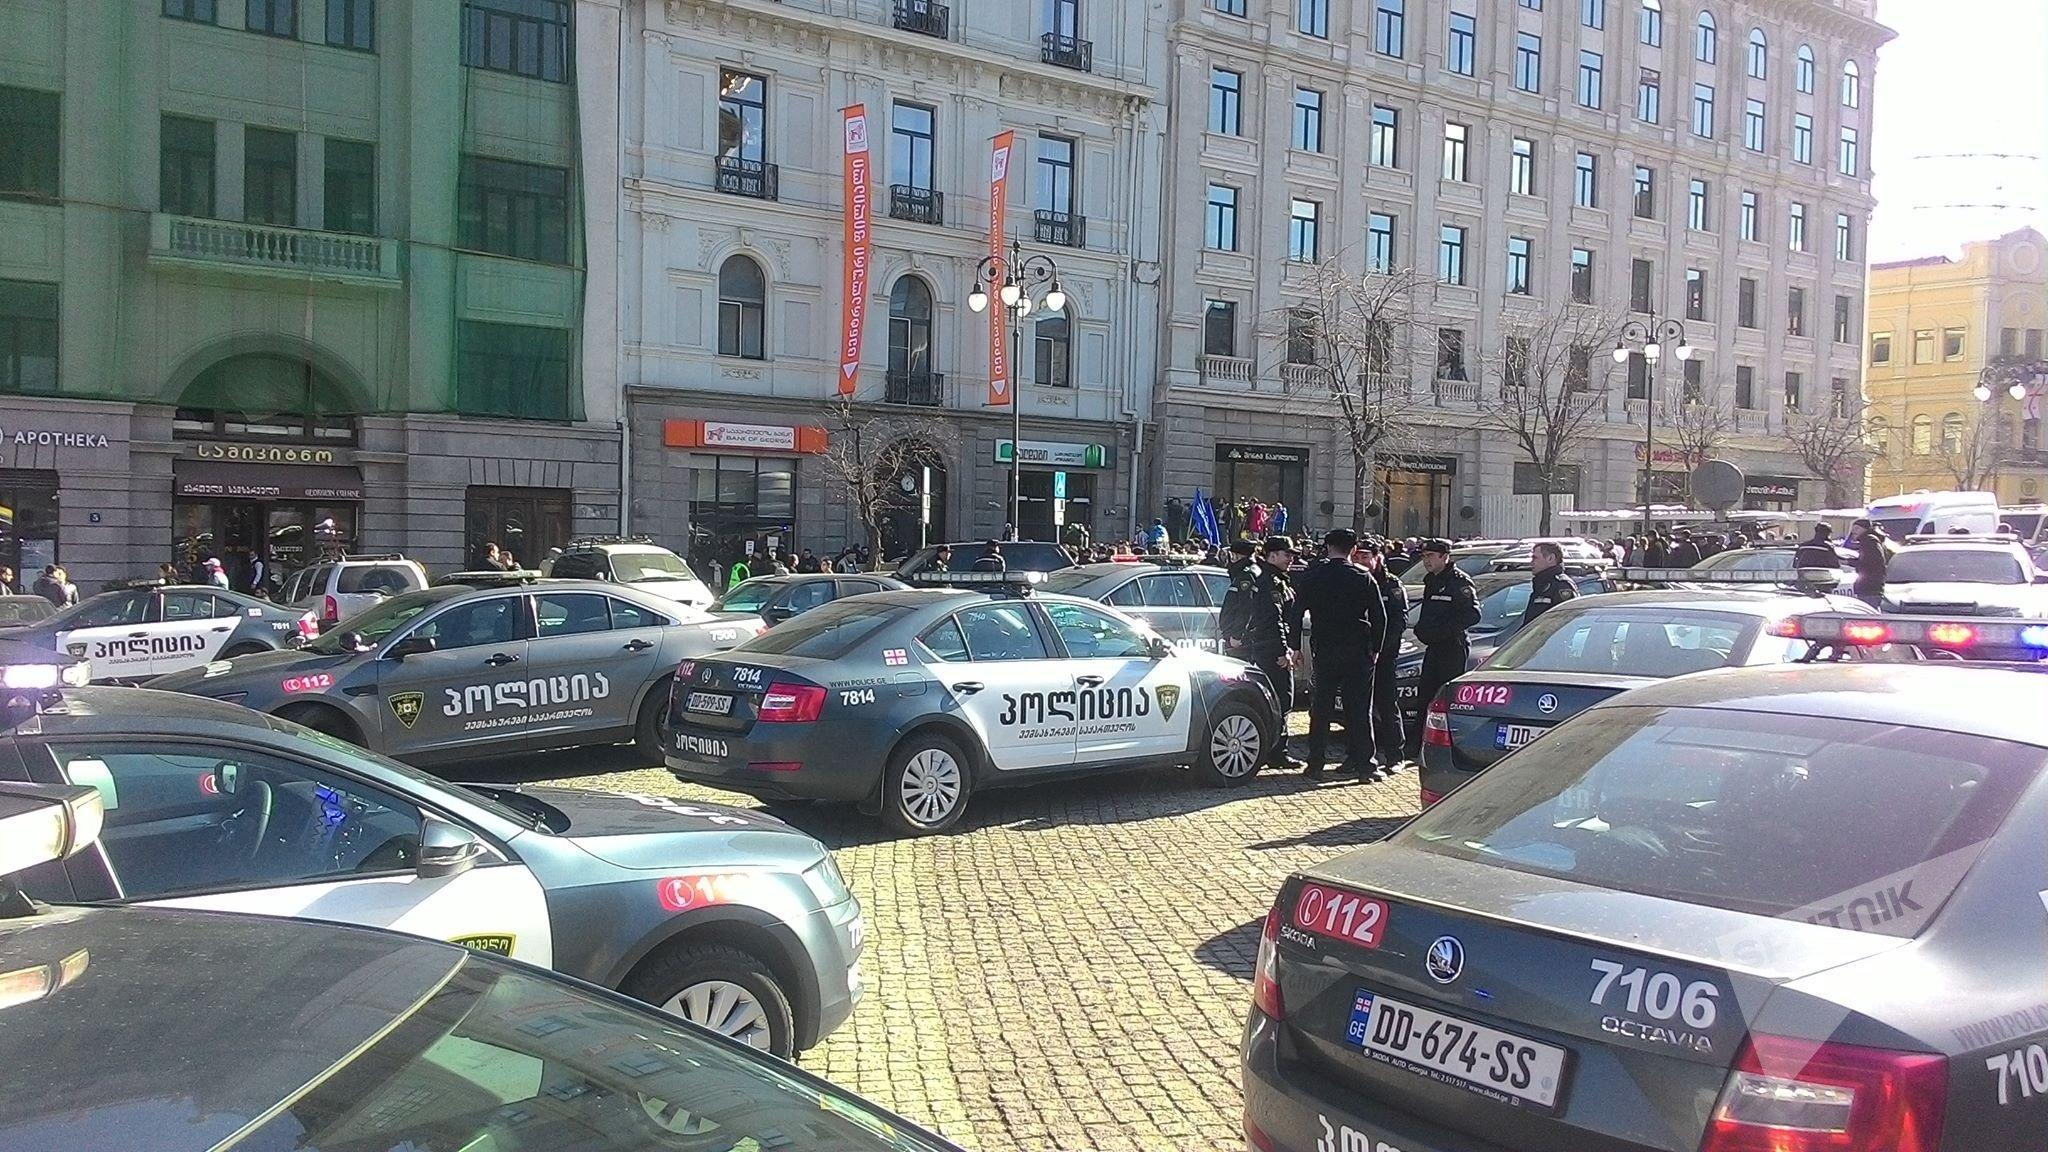 საპატრულო პოლიციის ეკიპაჟები საქართველოს ბანკის შენობასთან საპროტესტო აქციაზე